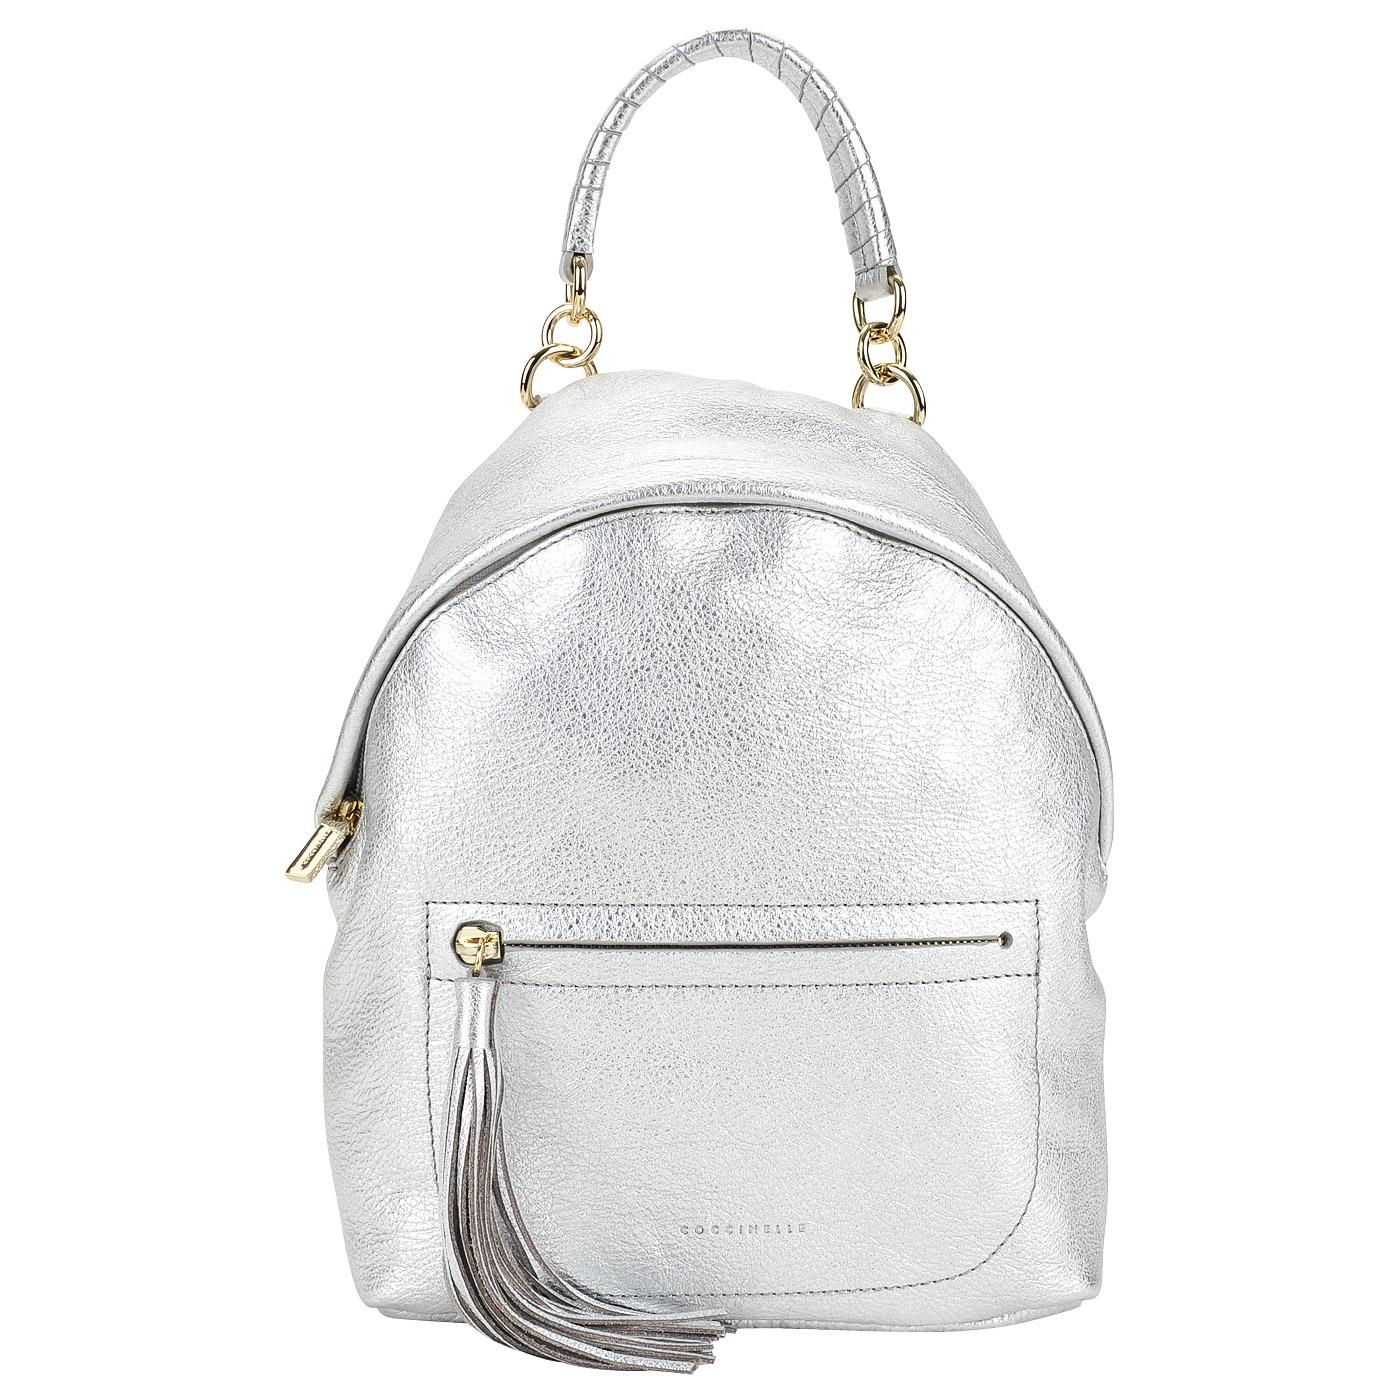 693aaa9e3f9e Серебристый кожаный рюкзак с одним отделом Coccinelle Leonie AN0 54 ...